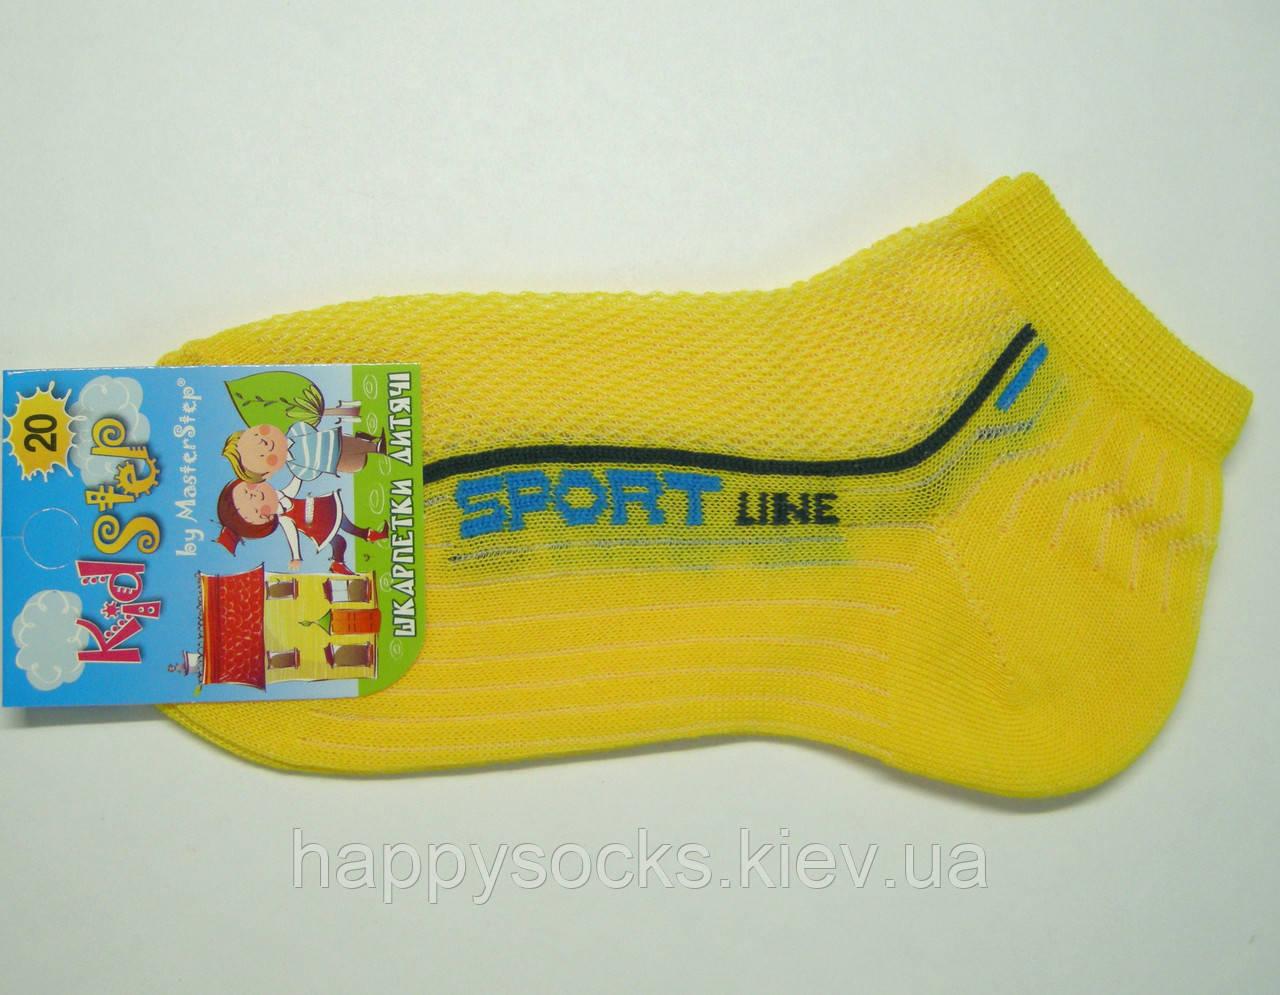 Хлопковые носки в сетку желтого цвета мальчиковые